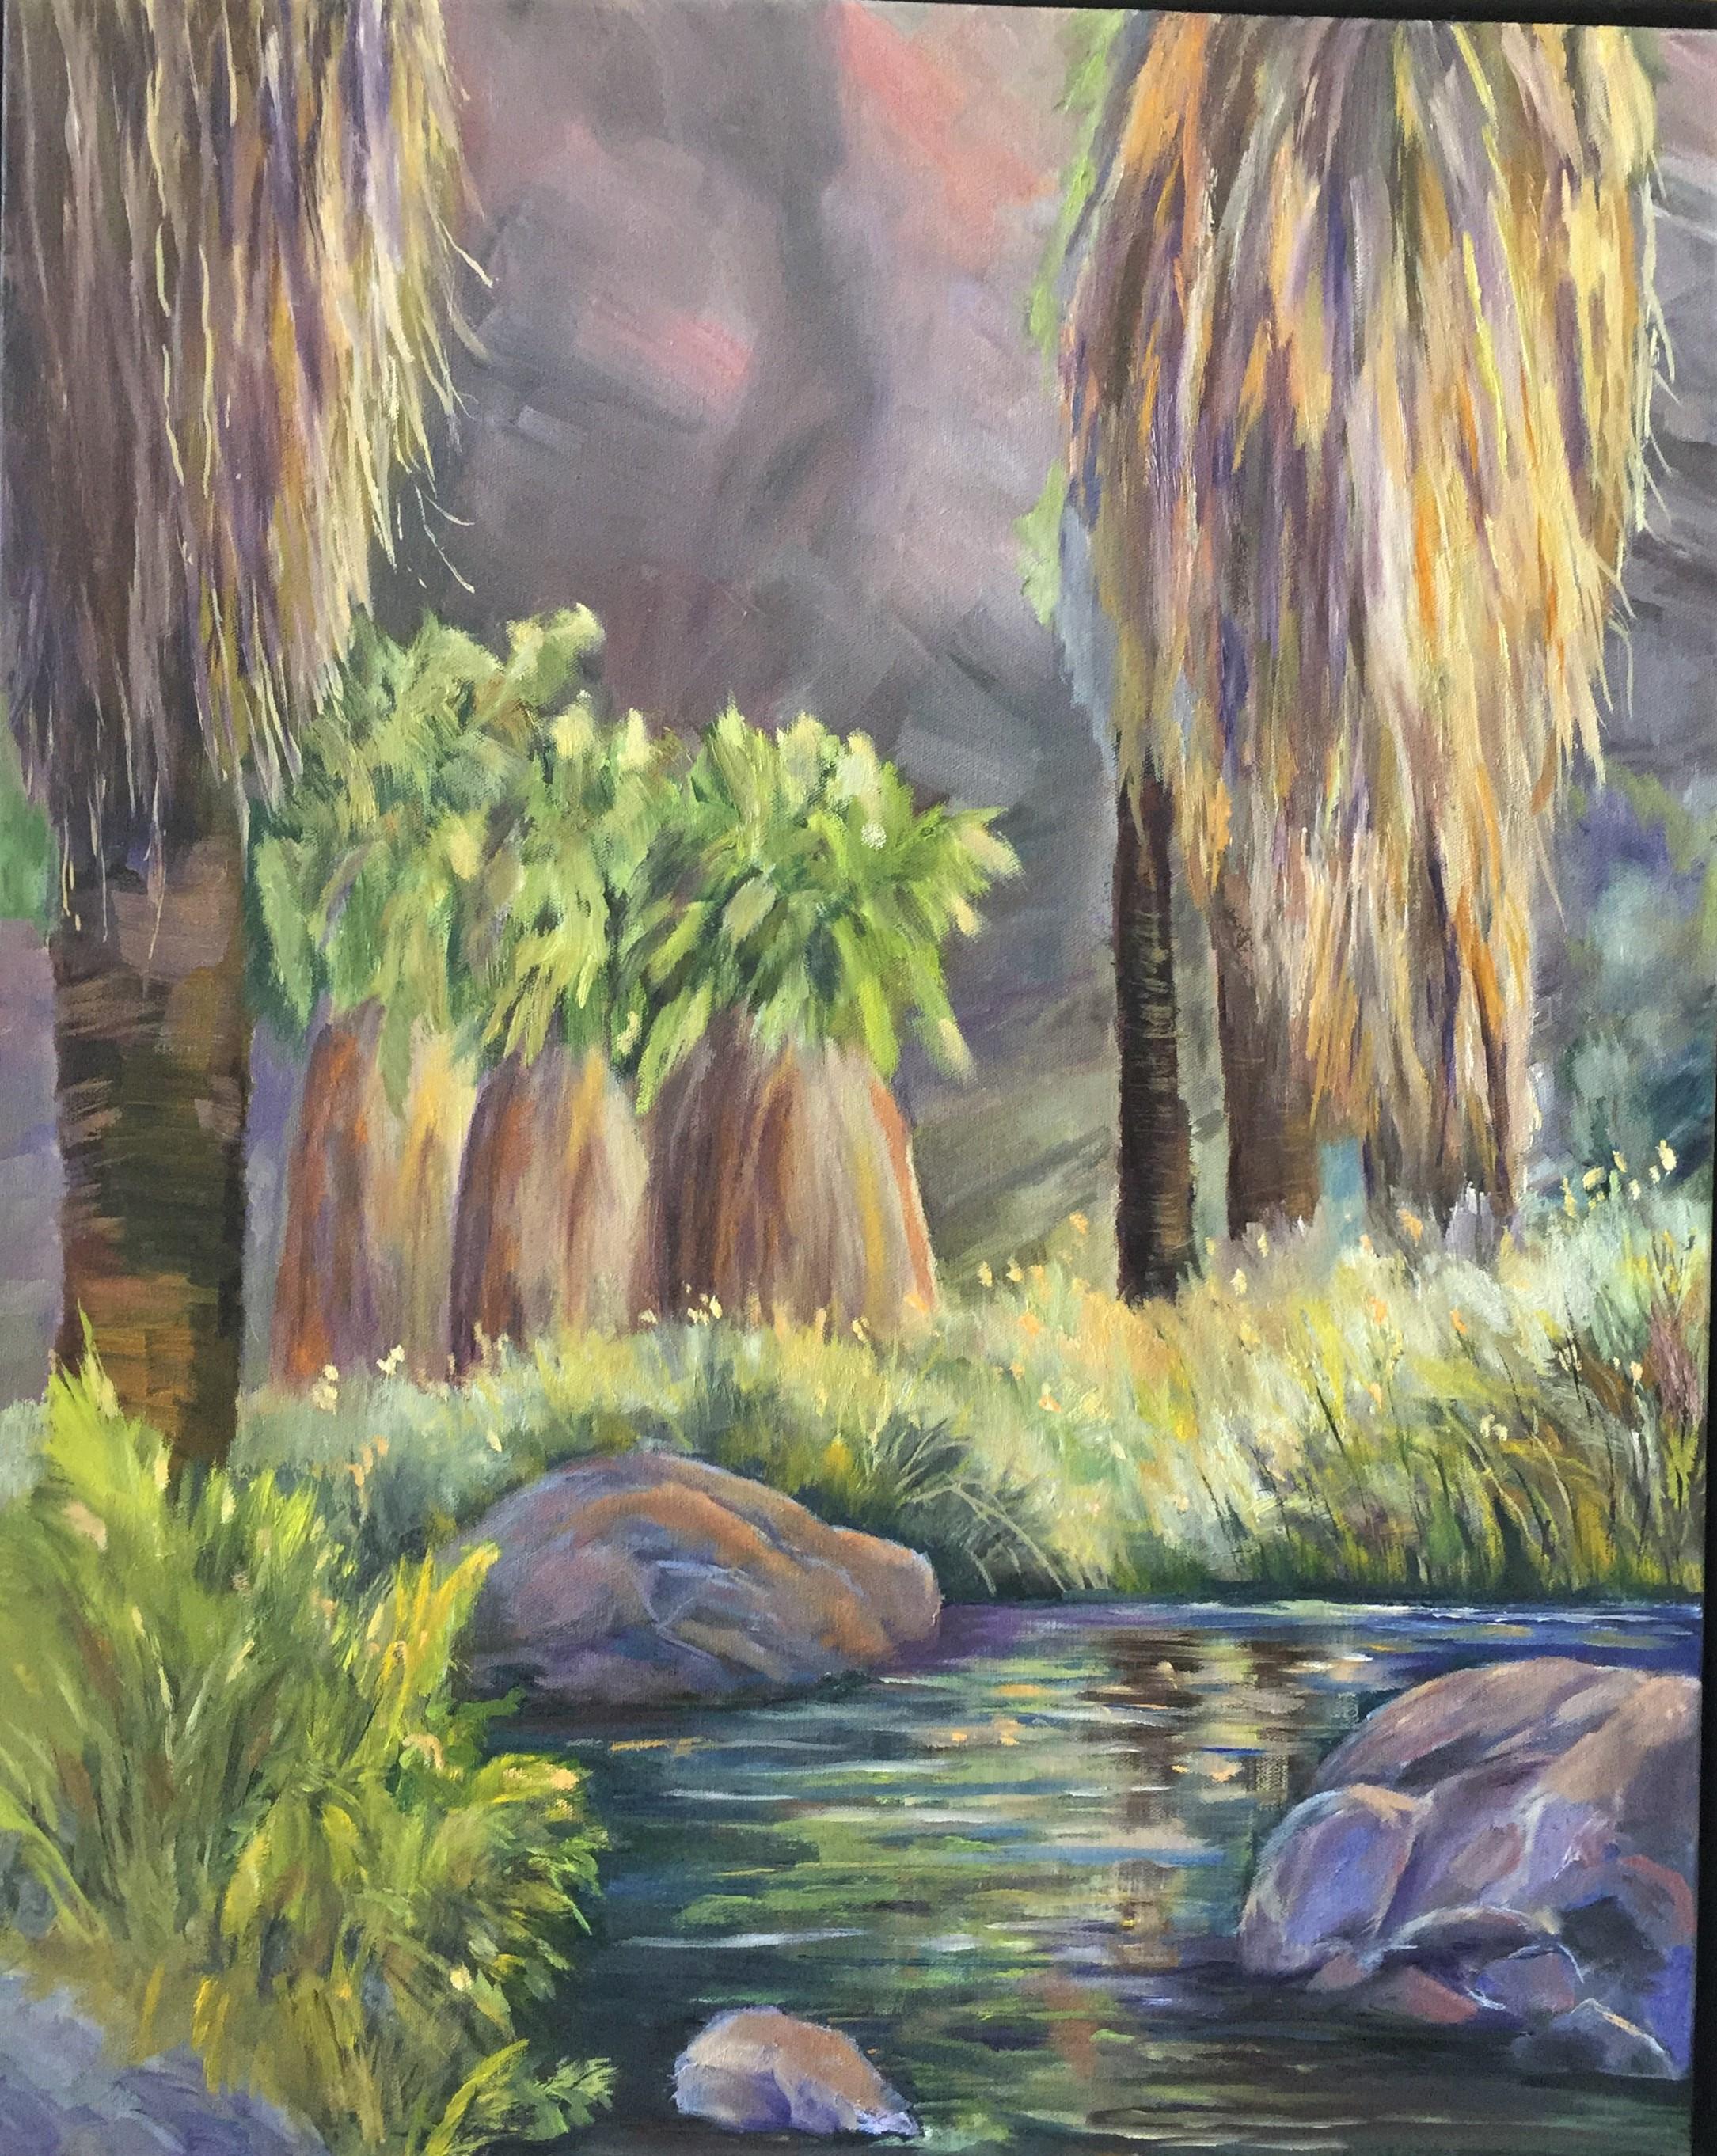 6-15-19  Andreas Trail Lagoon  24 x 30